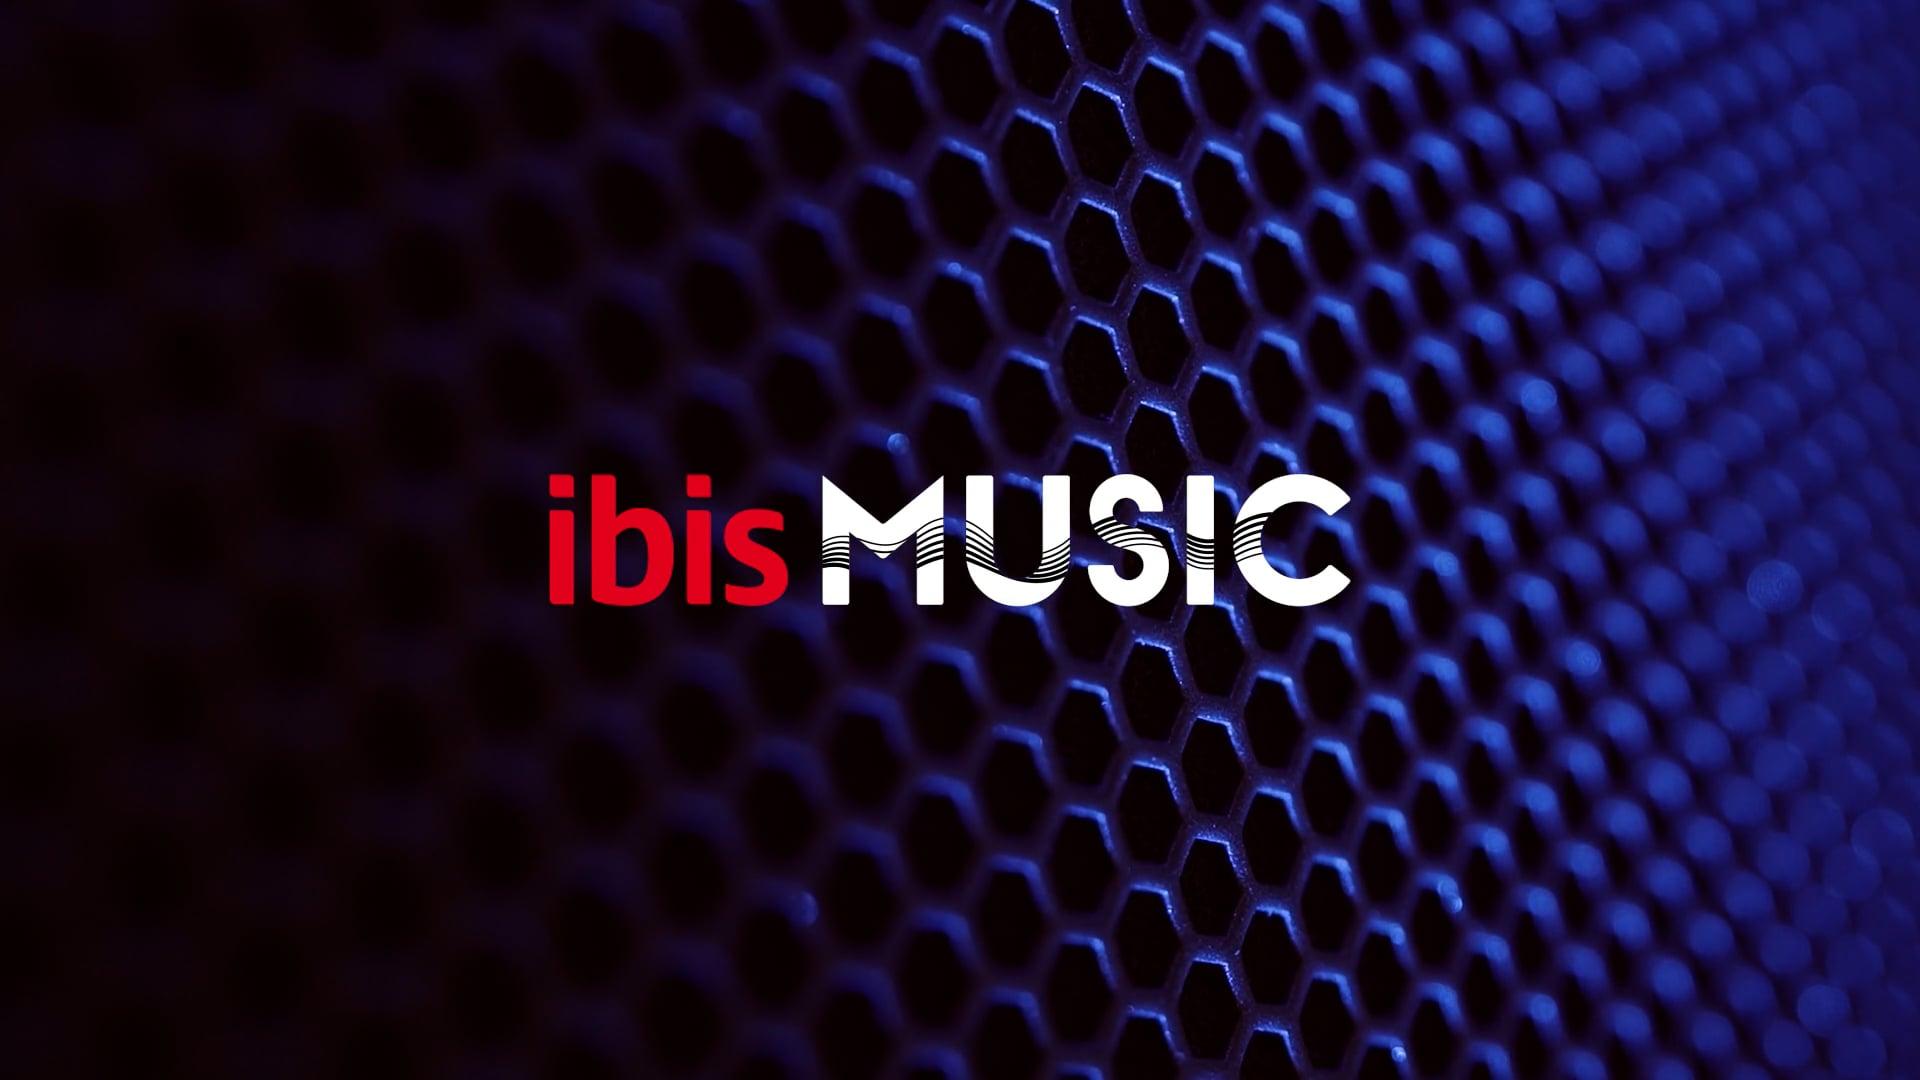 Ibis Music - Hamburg (Master)